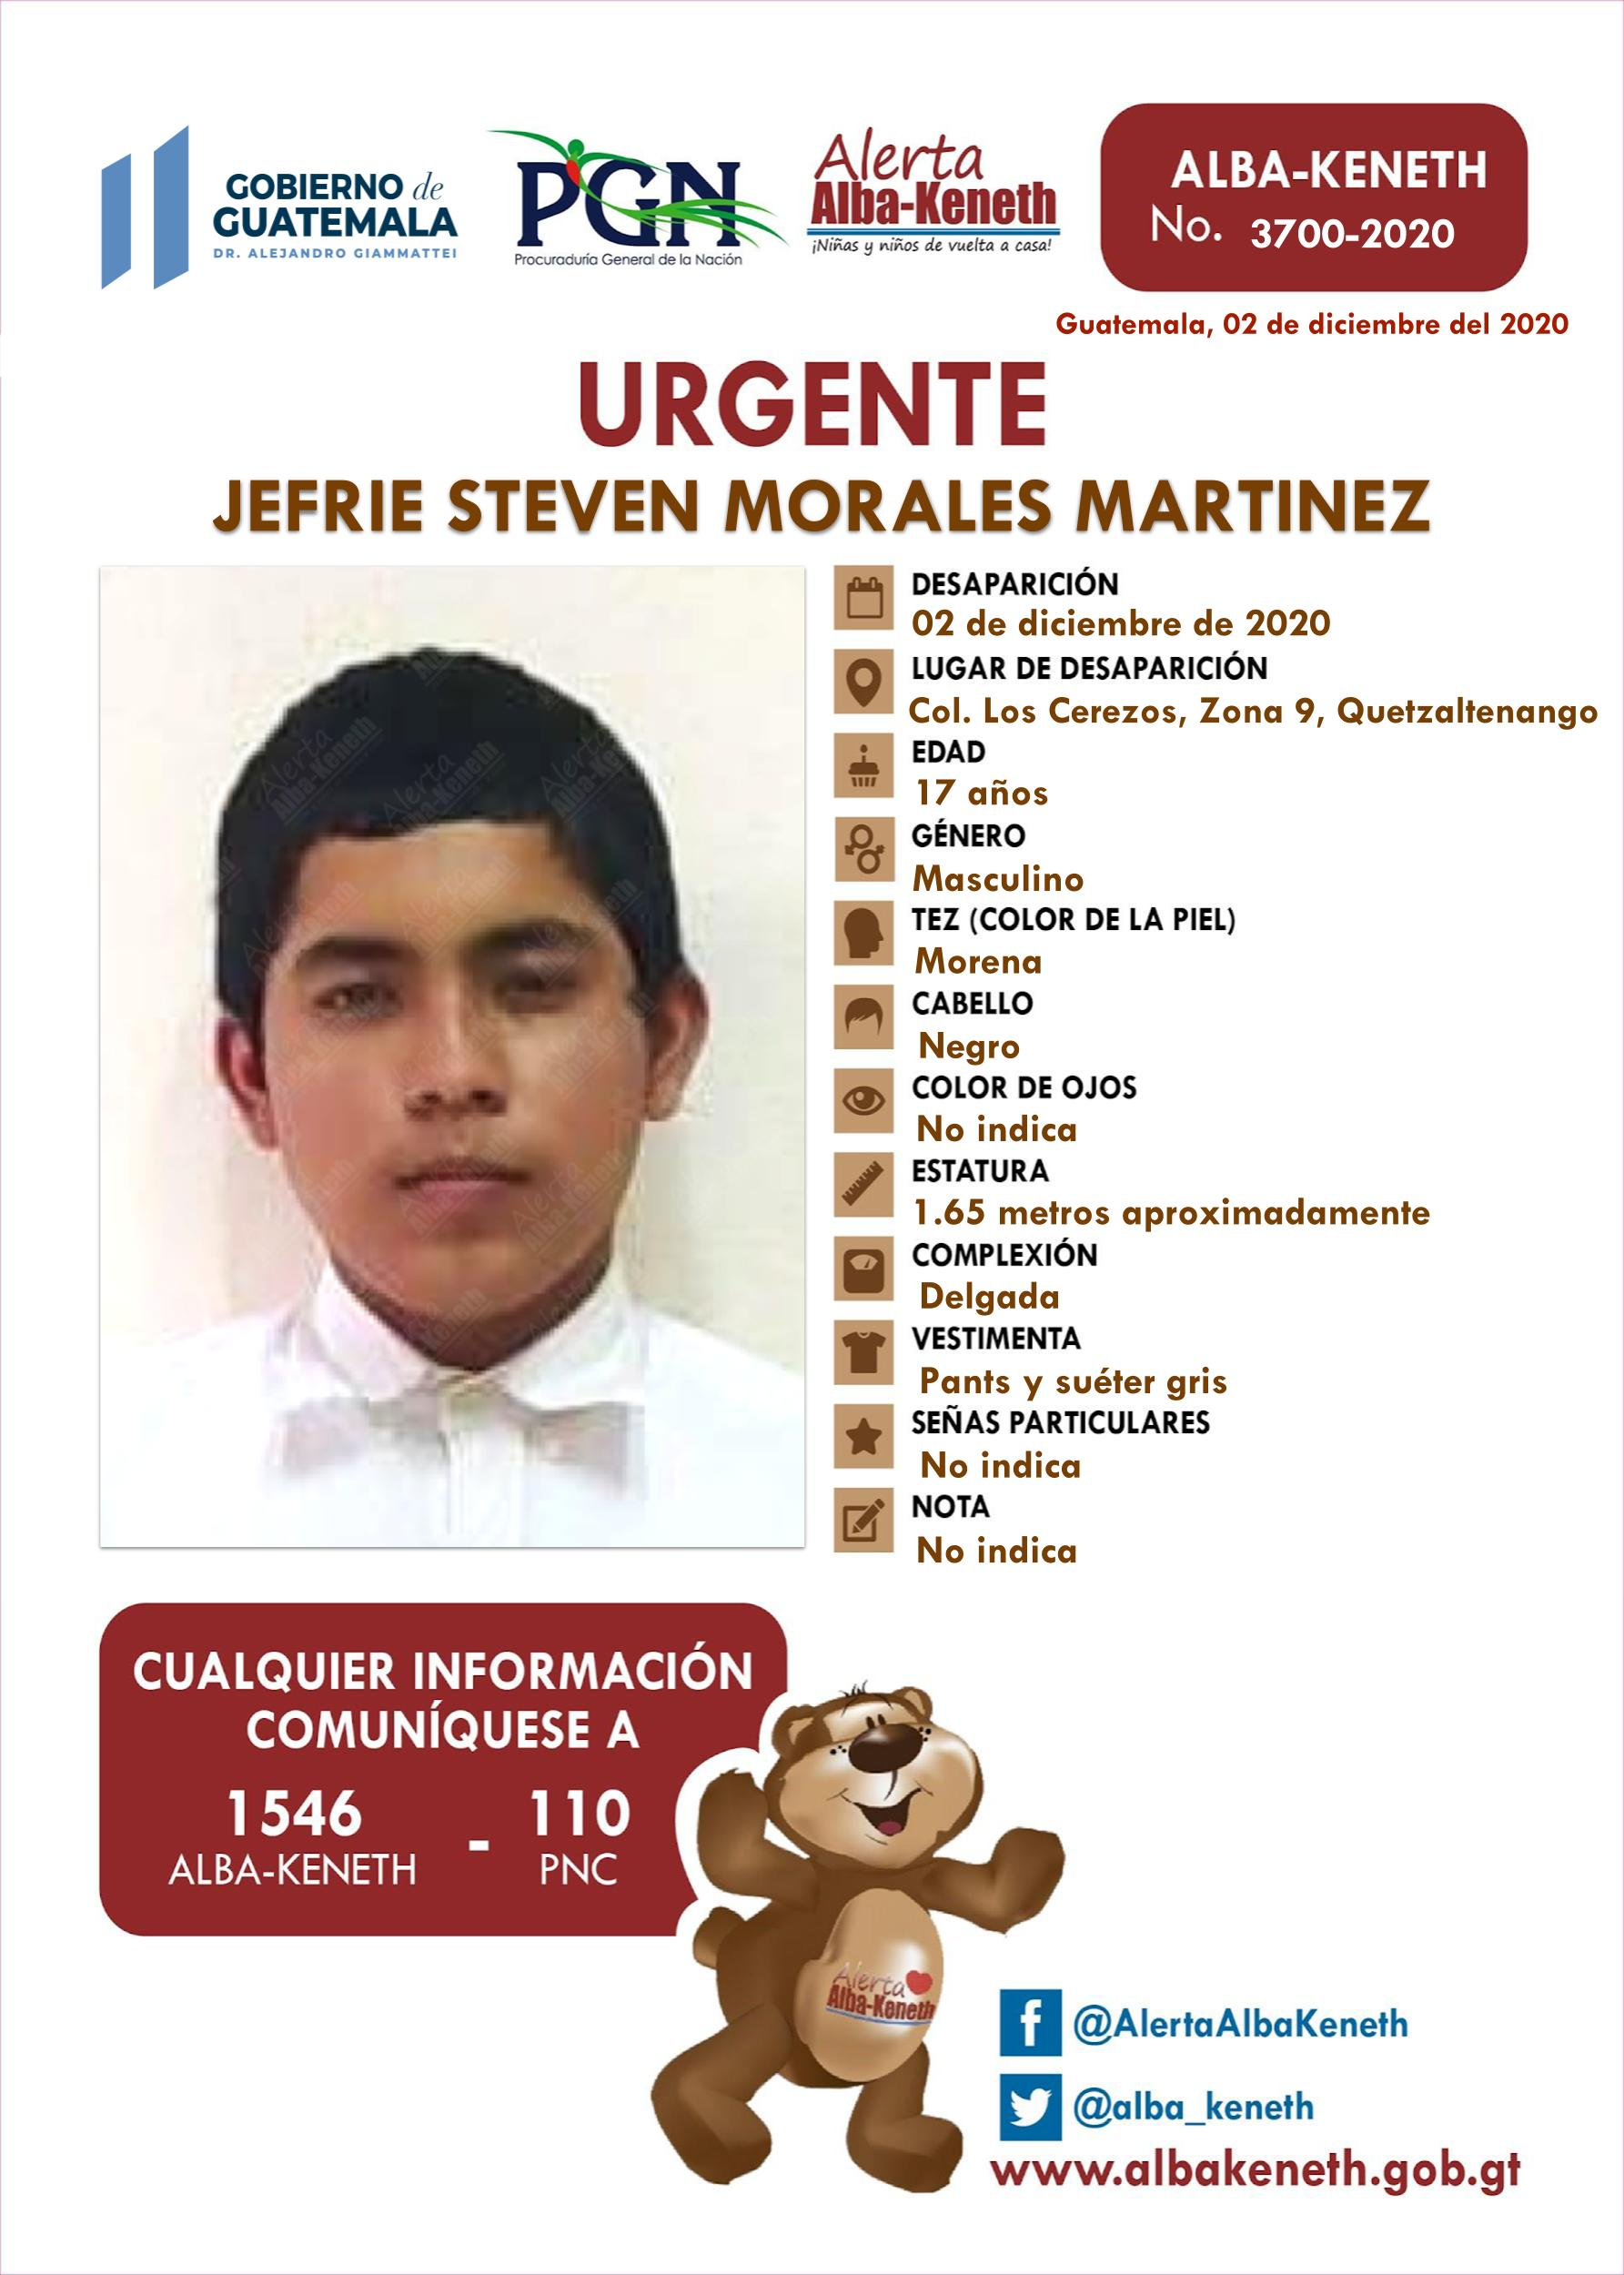 Jefrie Seven Morales Martinez